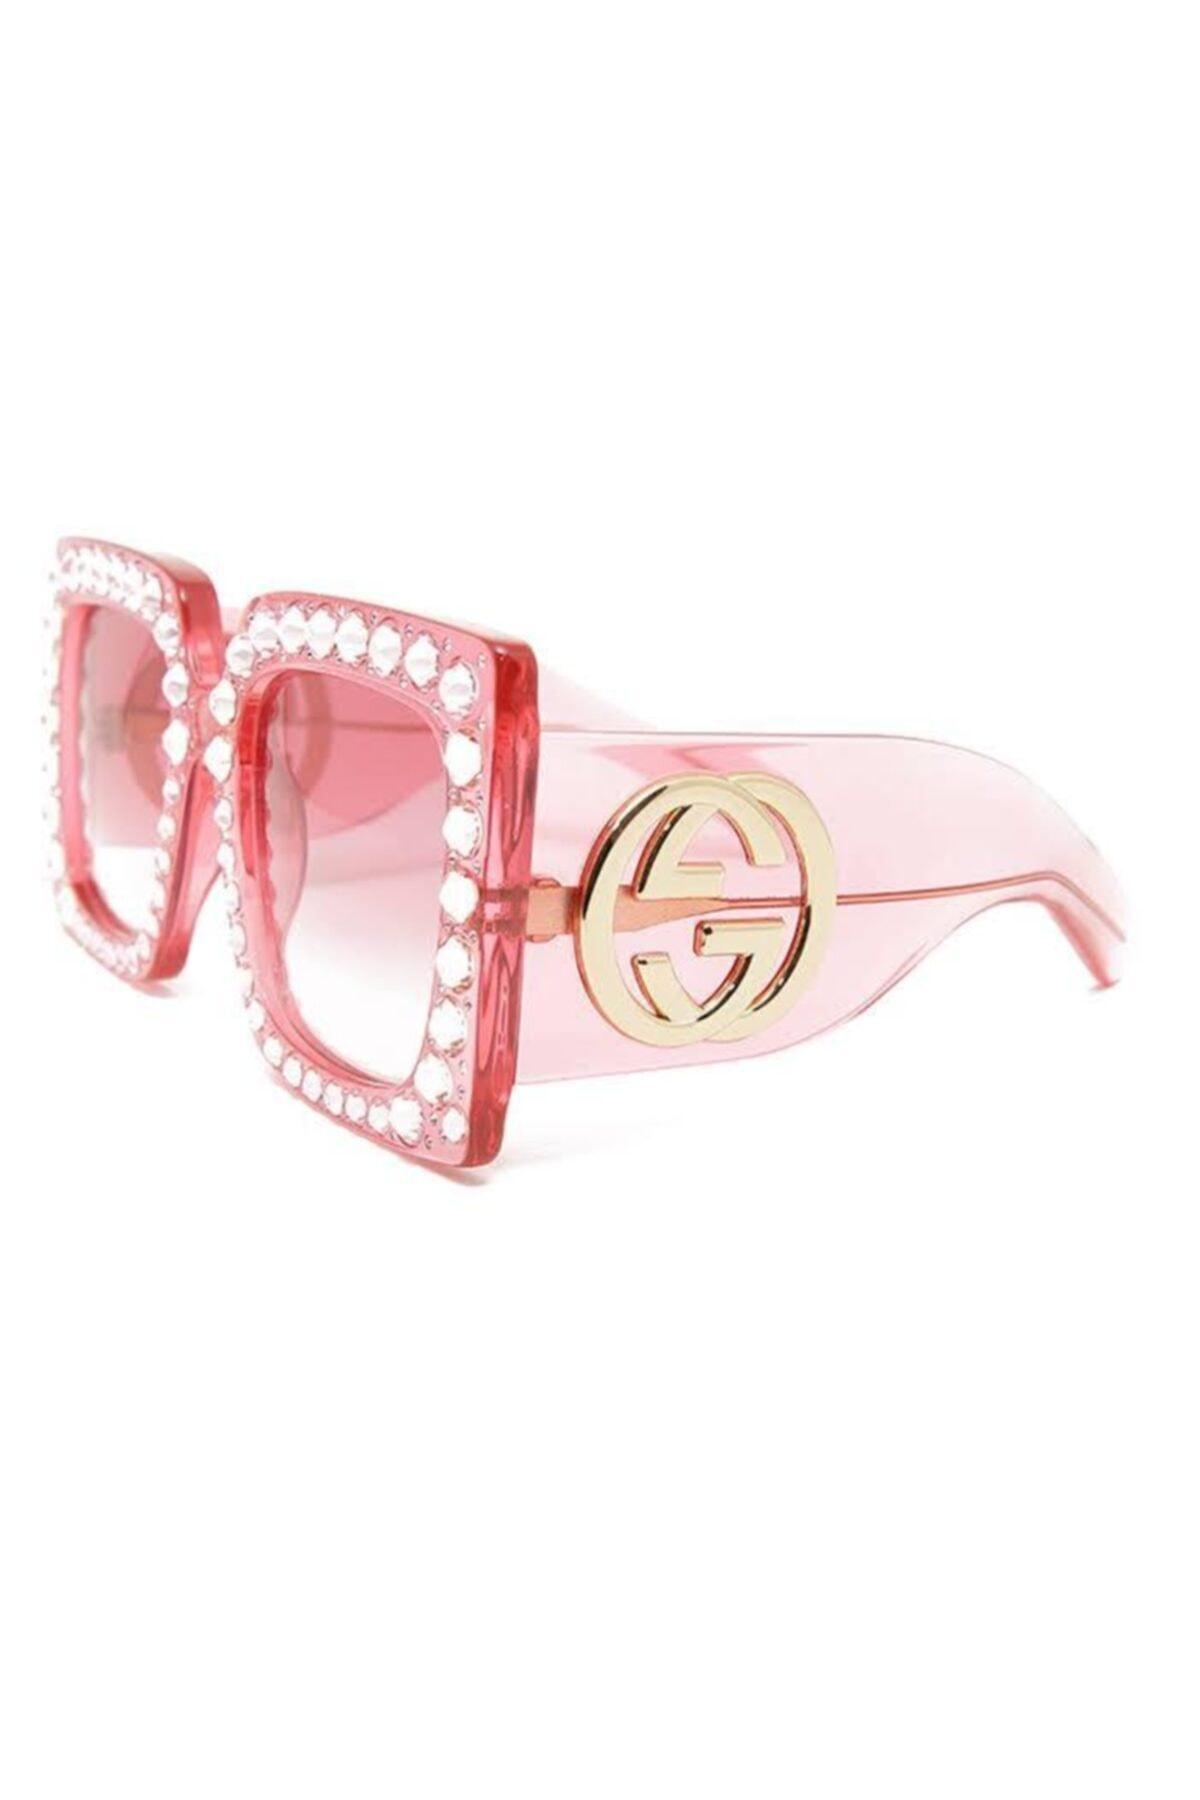 فروشگاه عینک آفتابی اورجینال برند گوچی رنگ صورتی ty69007522